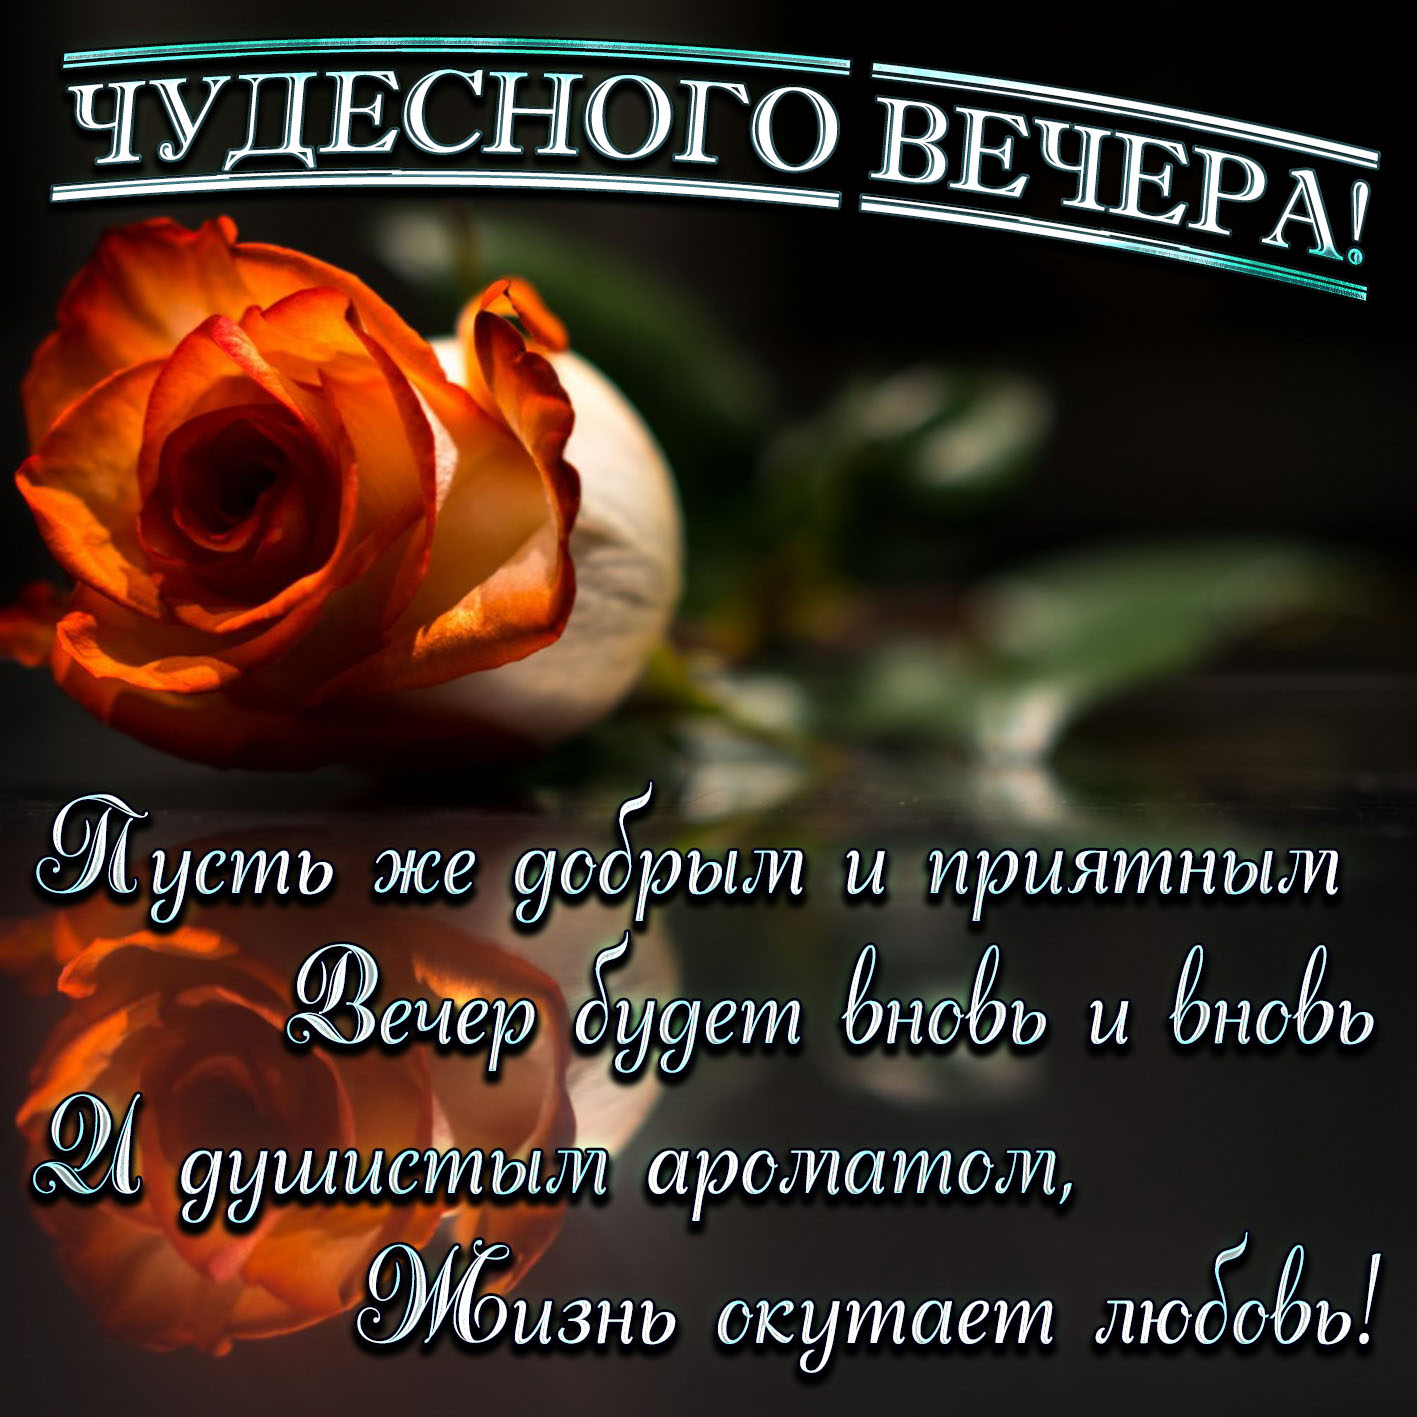 Открытка - красивое пожелание чудесного вечера и роза